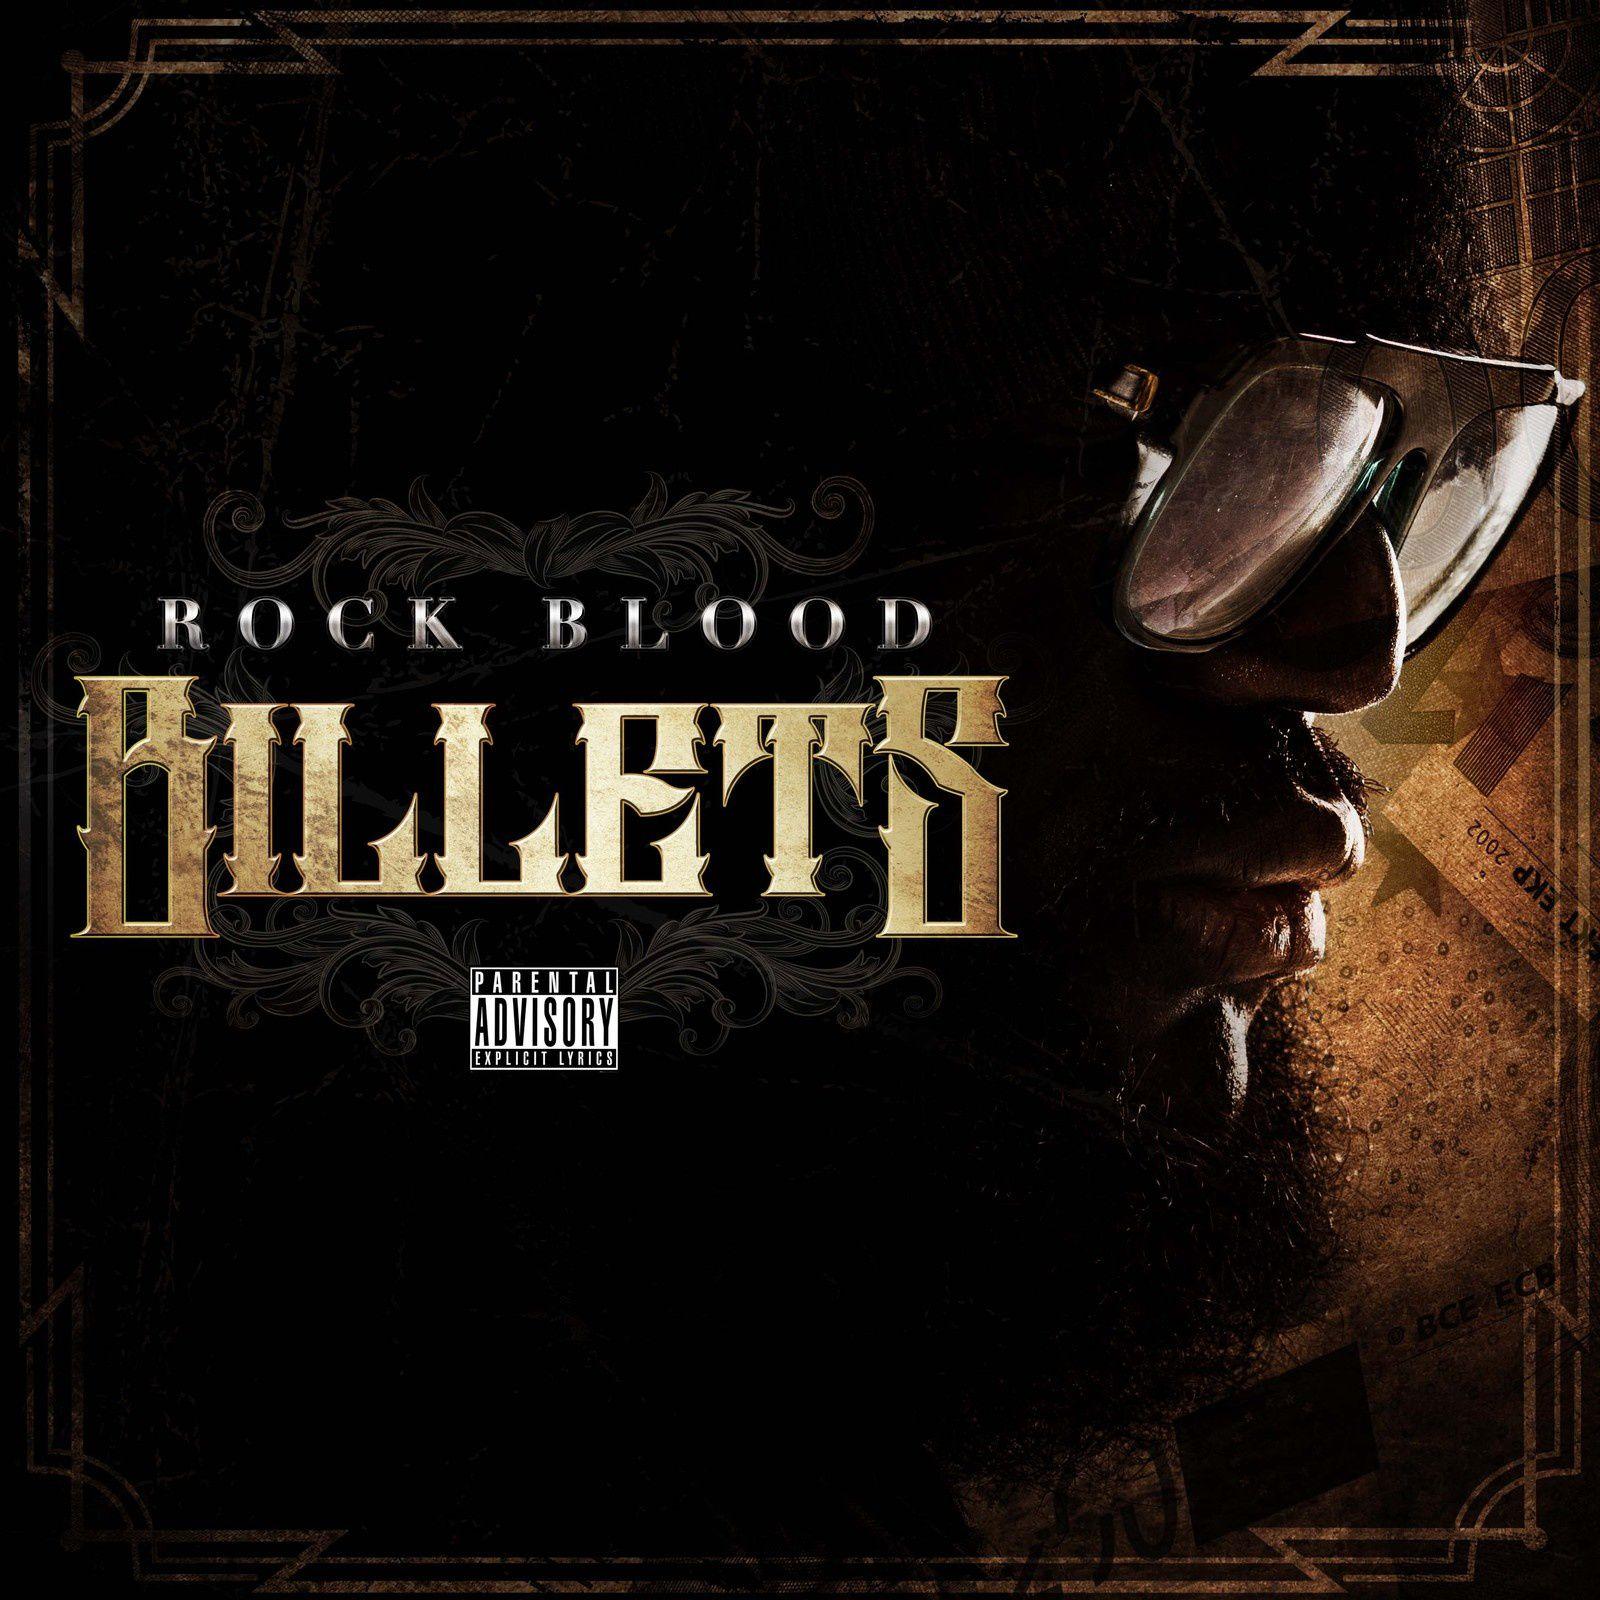 Rock Blood présente son premier single &quot&#x3B;Billets&quot&#x3B;